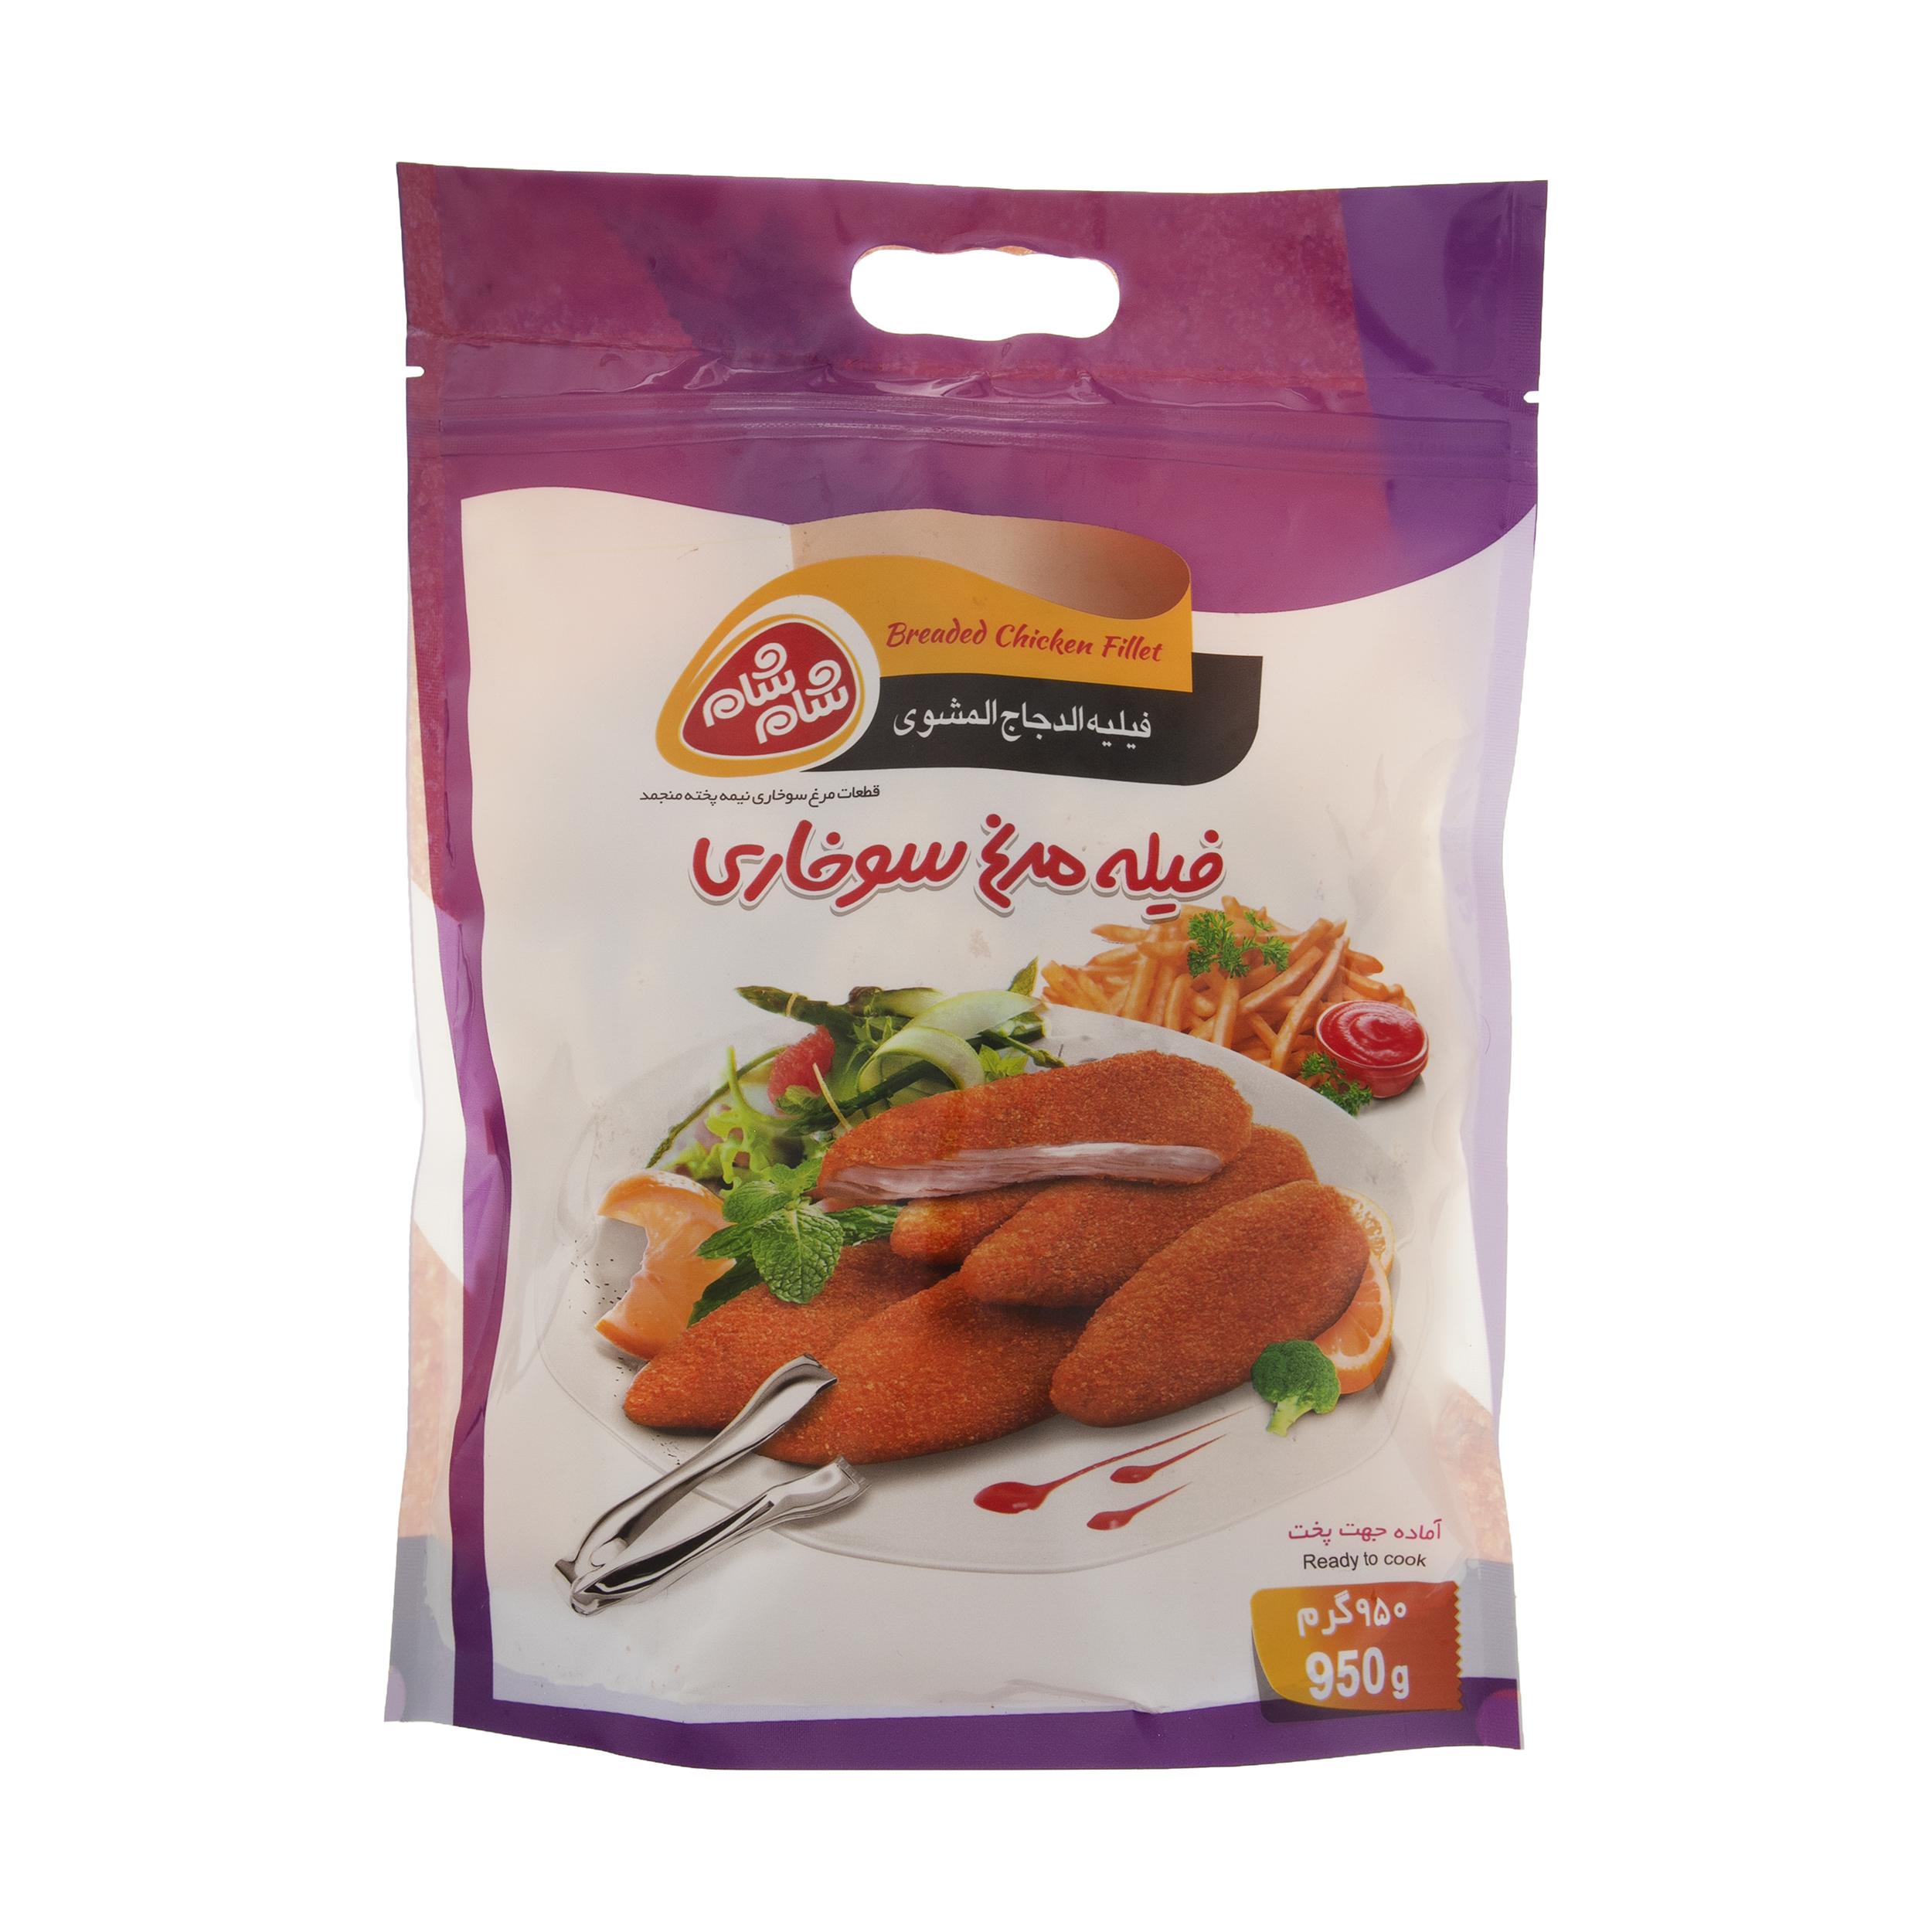 فیله مرغ سوخاری شام شام- 950 گرم